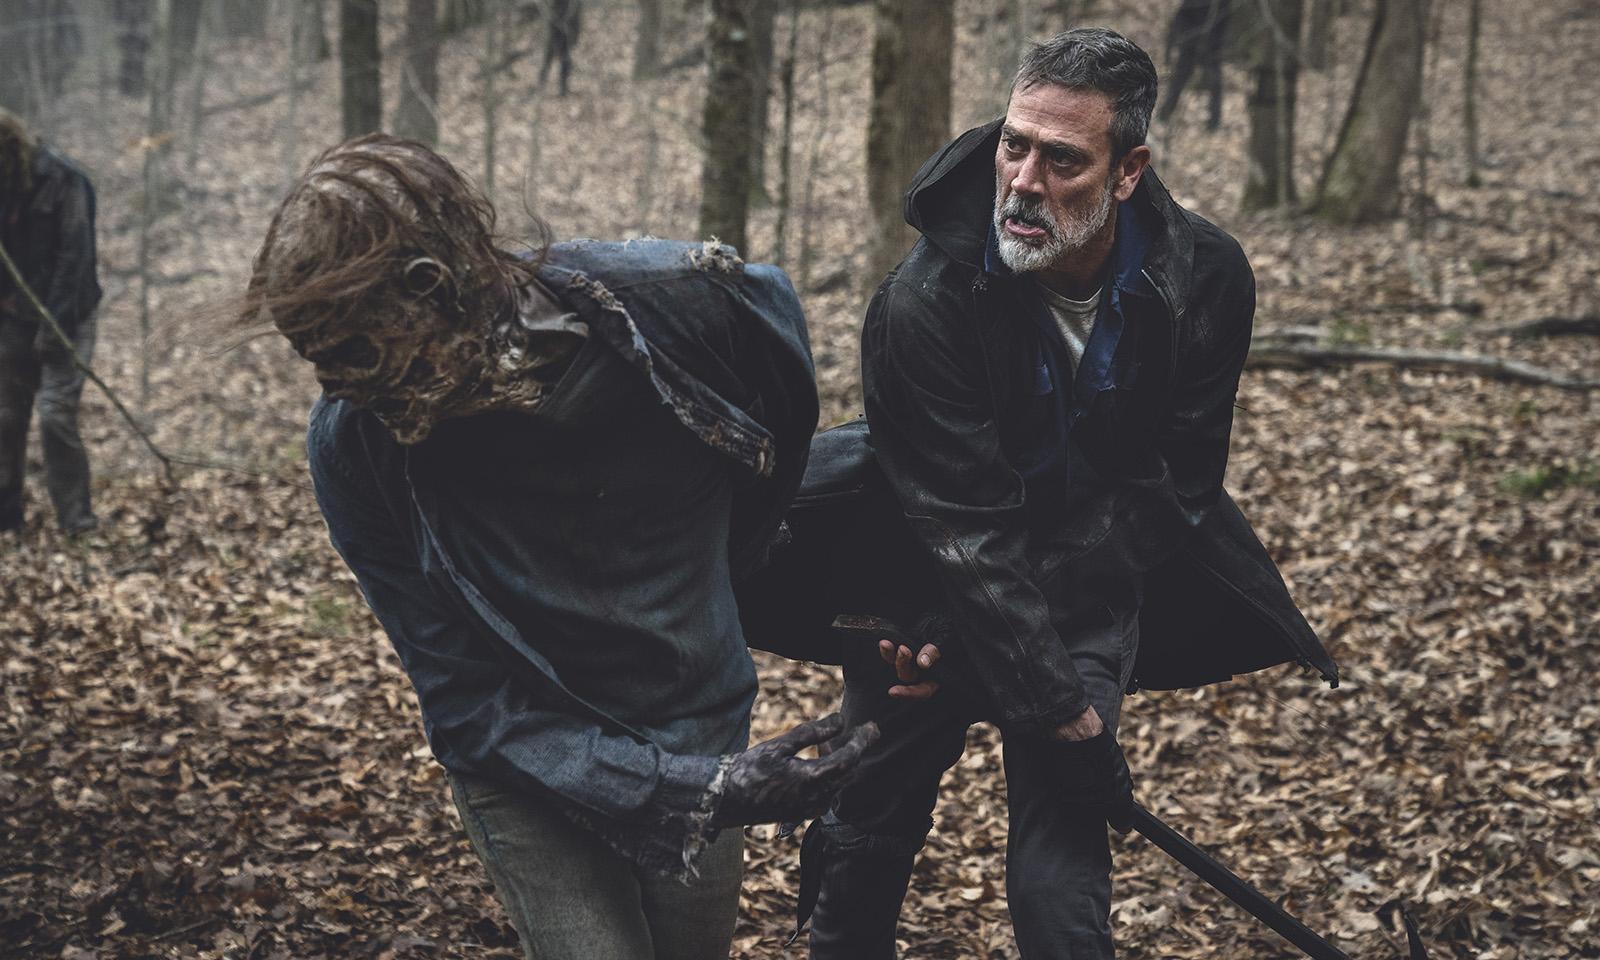 Negan matando um zumbi em imagem da 11ª e última temporada de The Walking Dead.